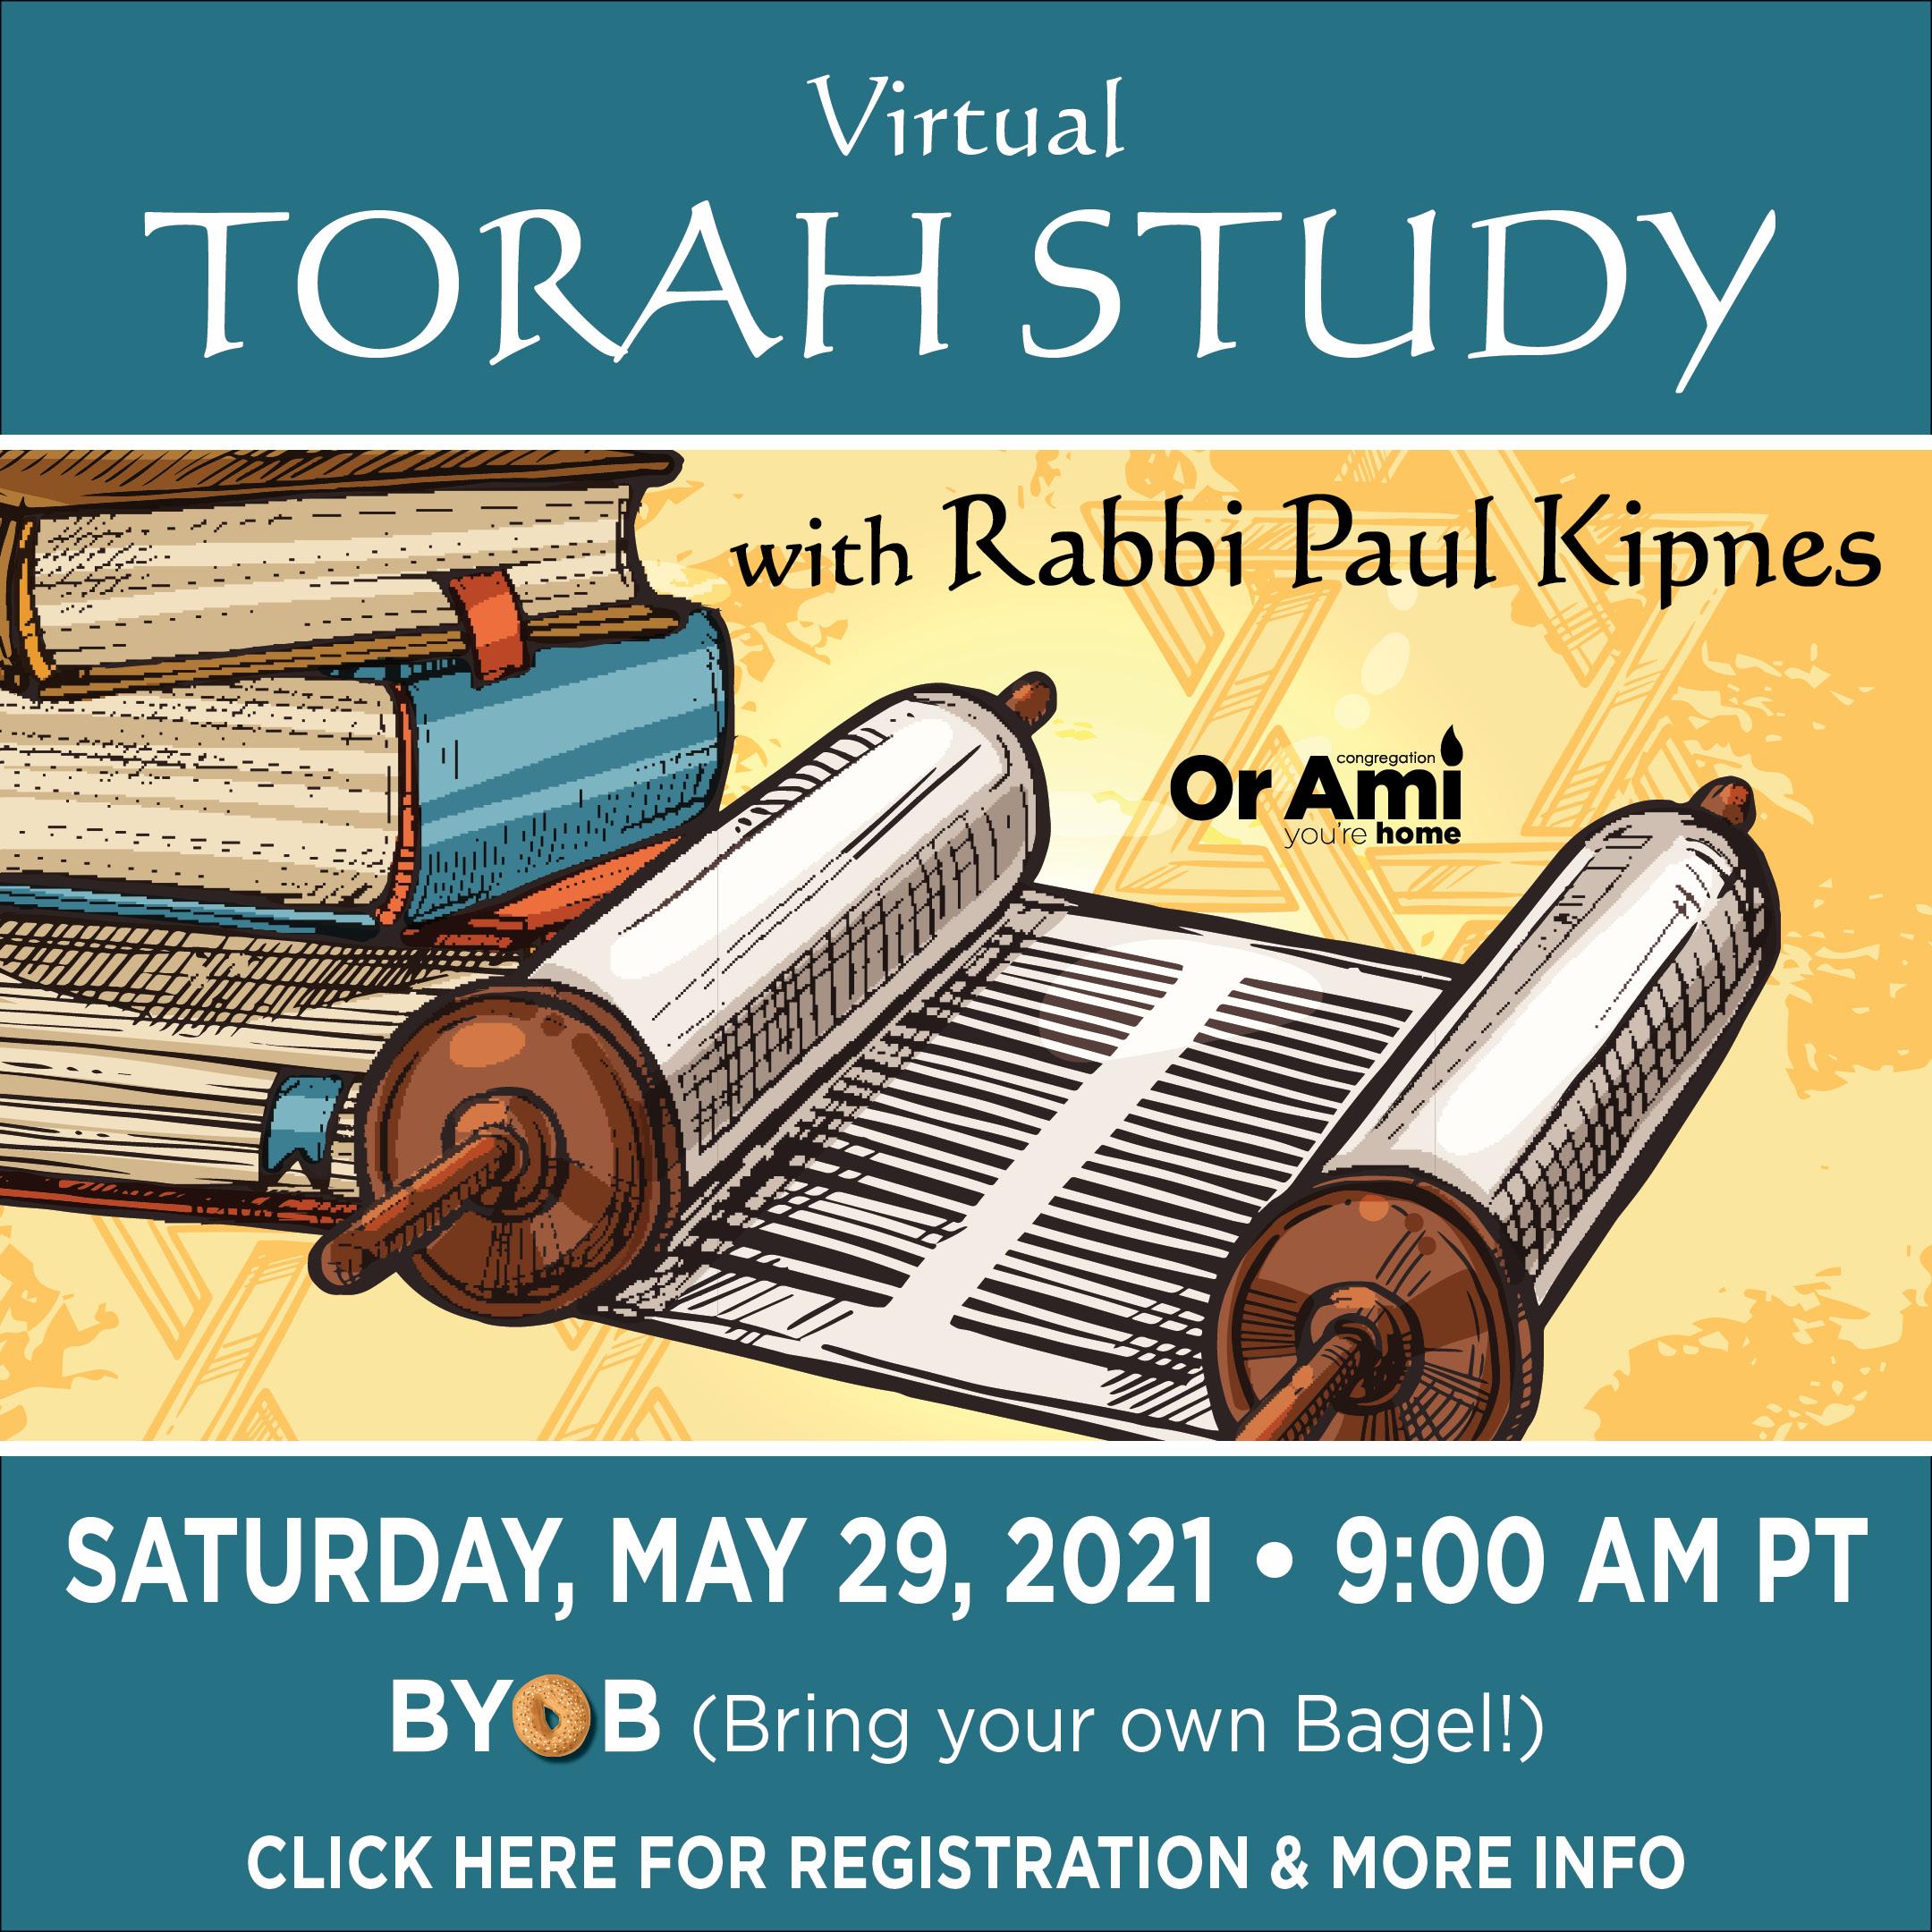 Or Ami Torah Study CLICK